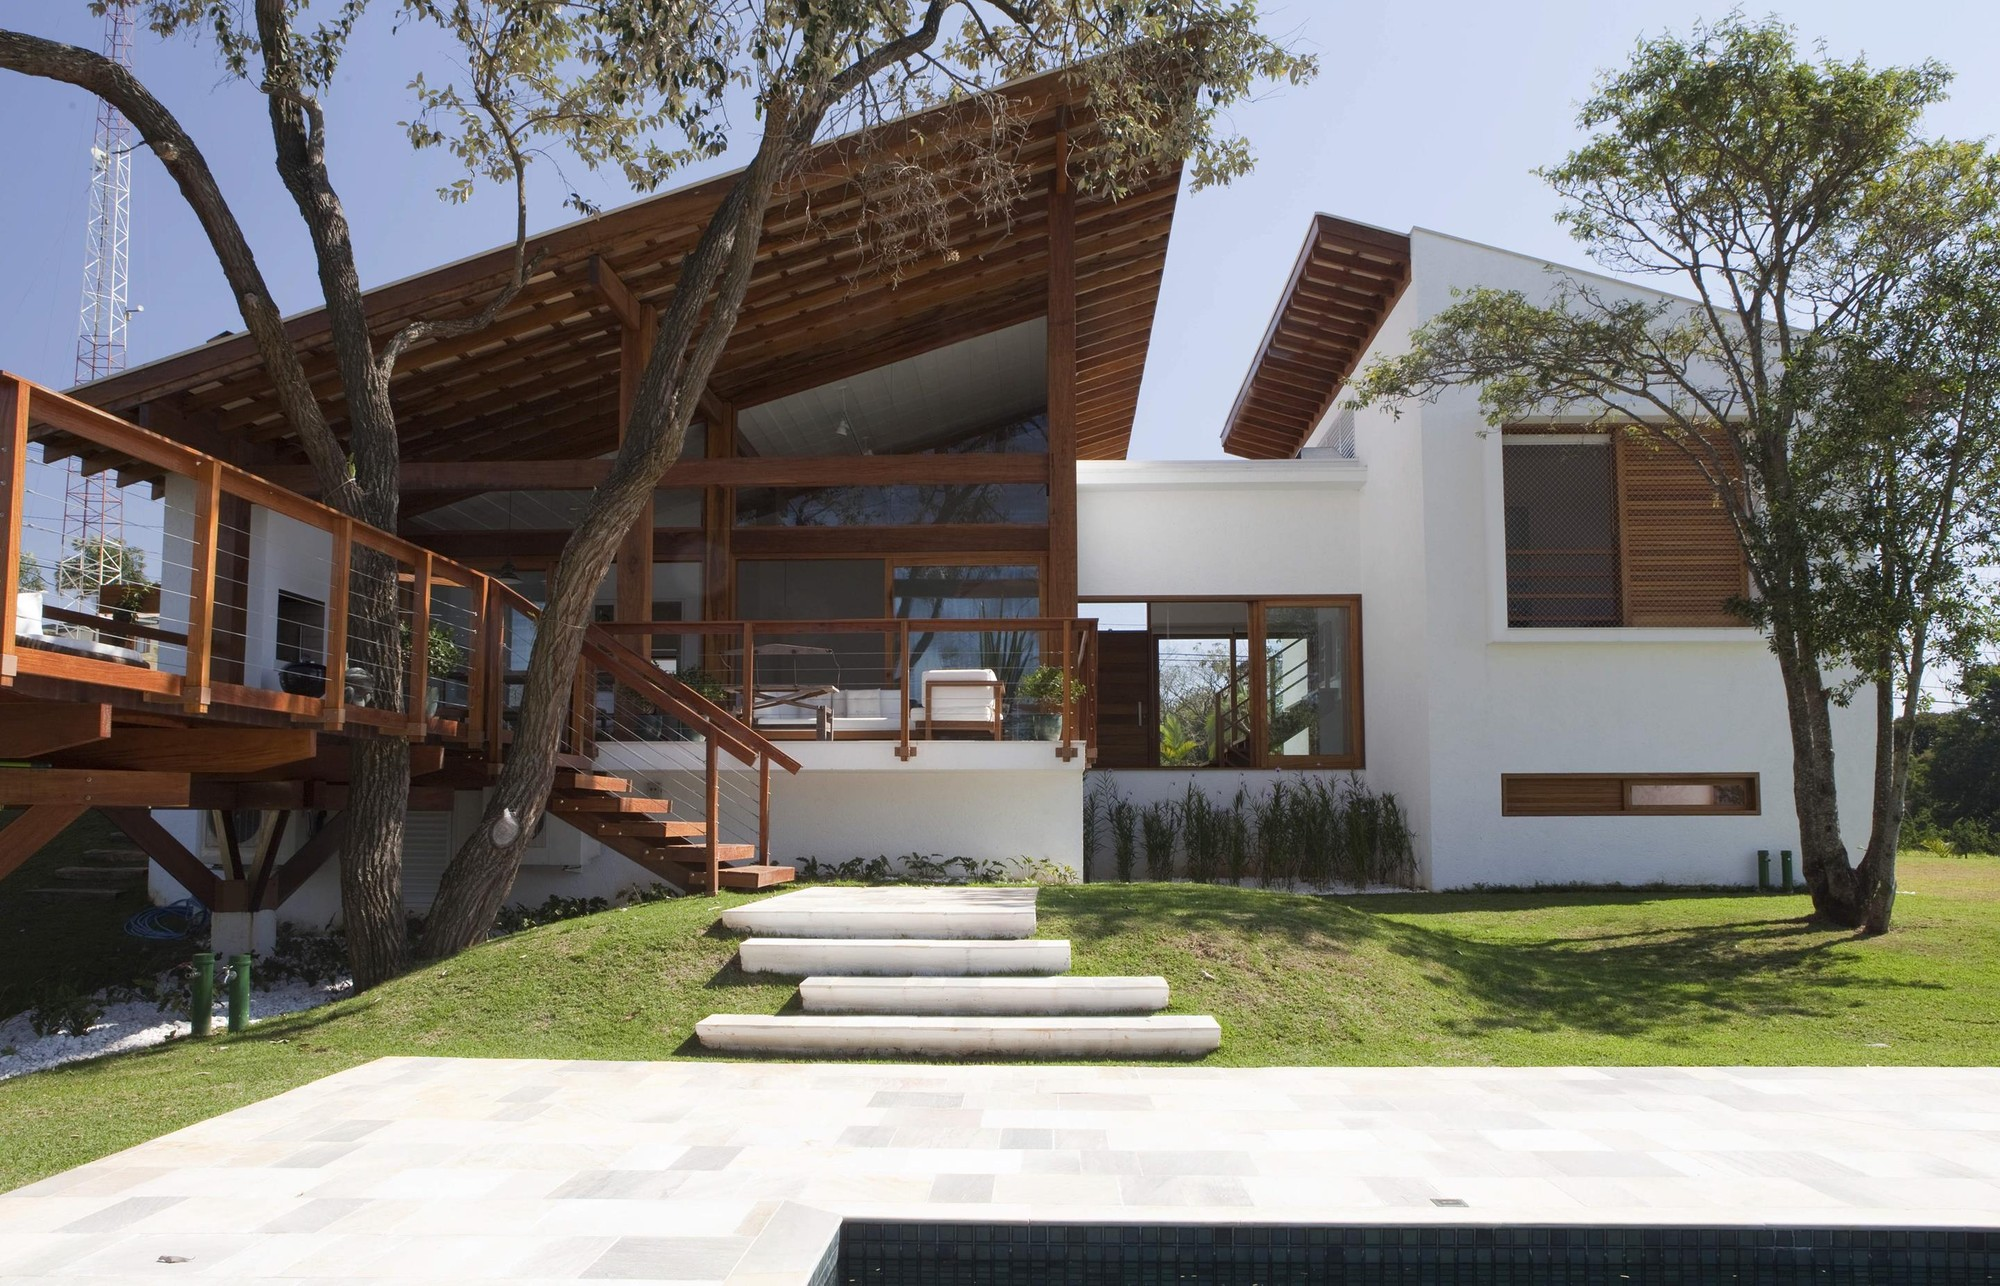 Casa en el Condominio Vila Real de Itu / Gebara Conde Sinisgalli Arquitetos, © Salvador Cordaro